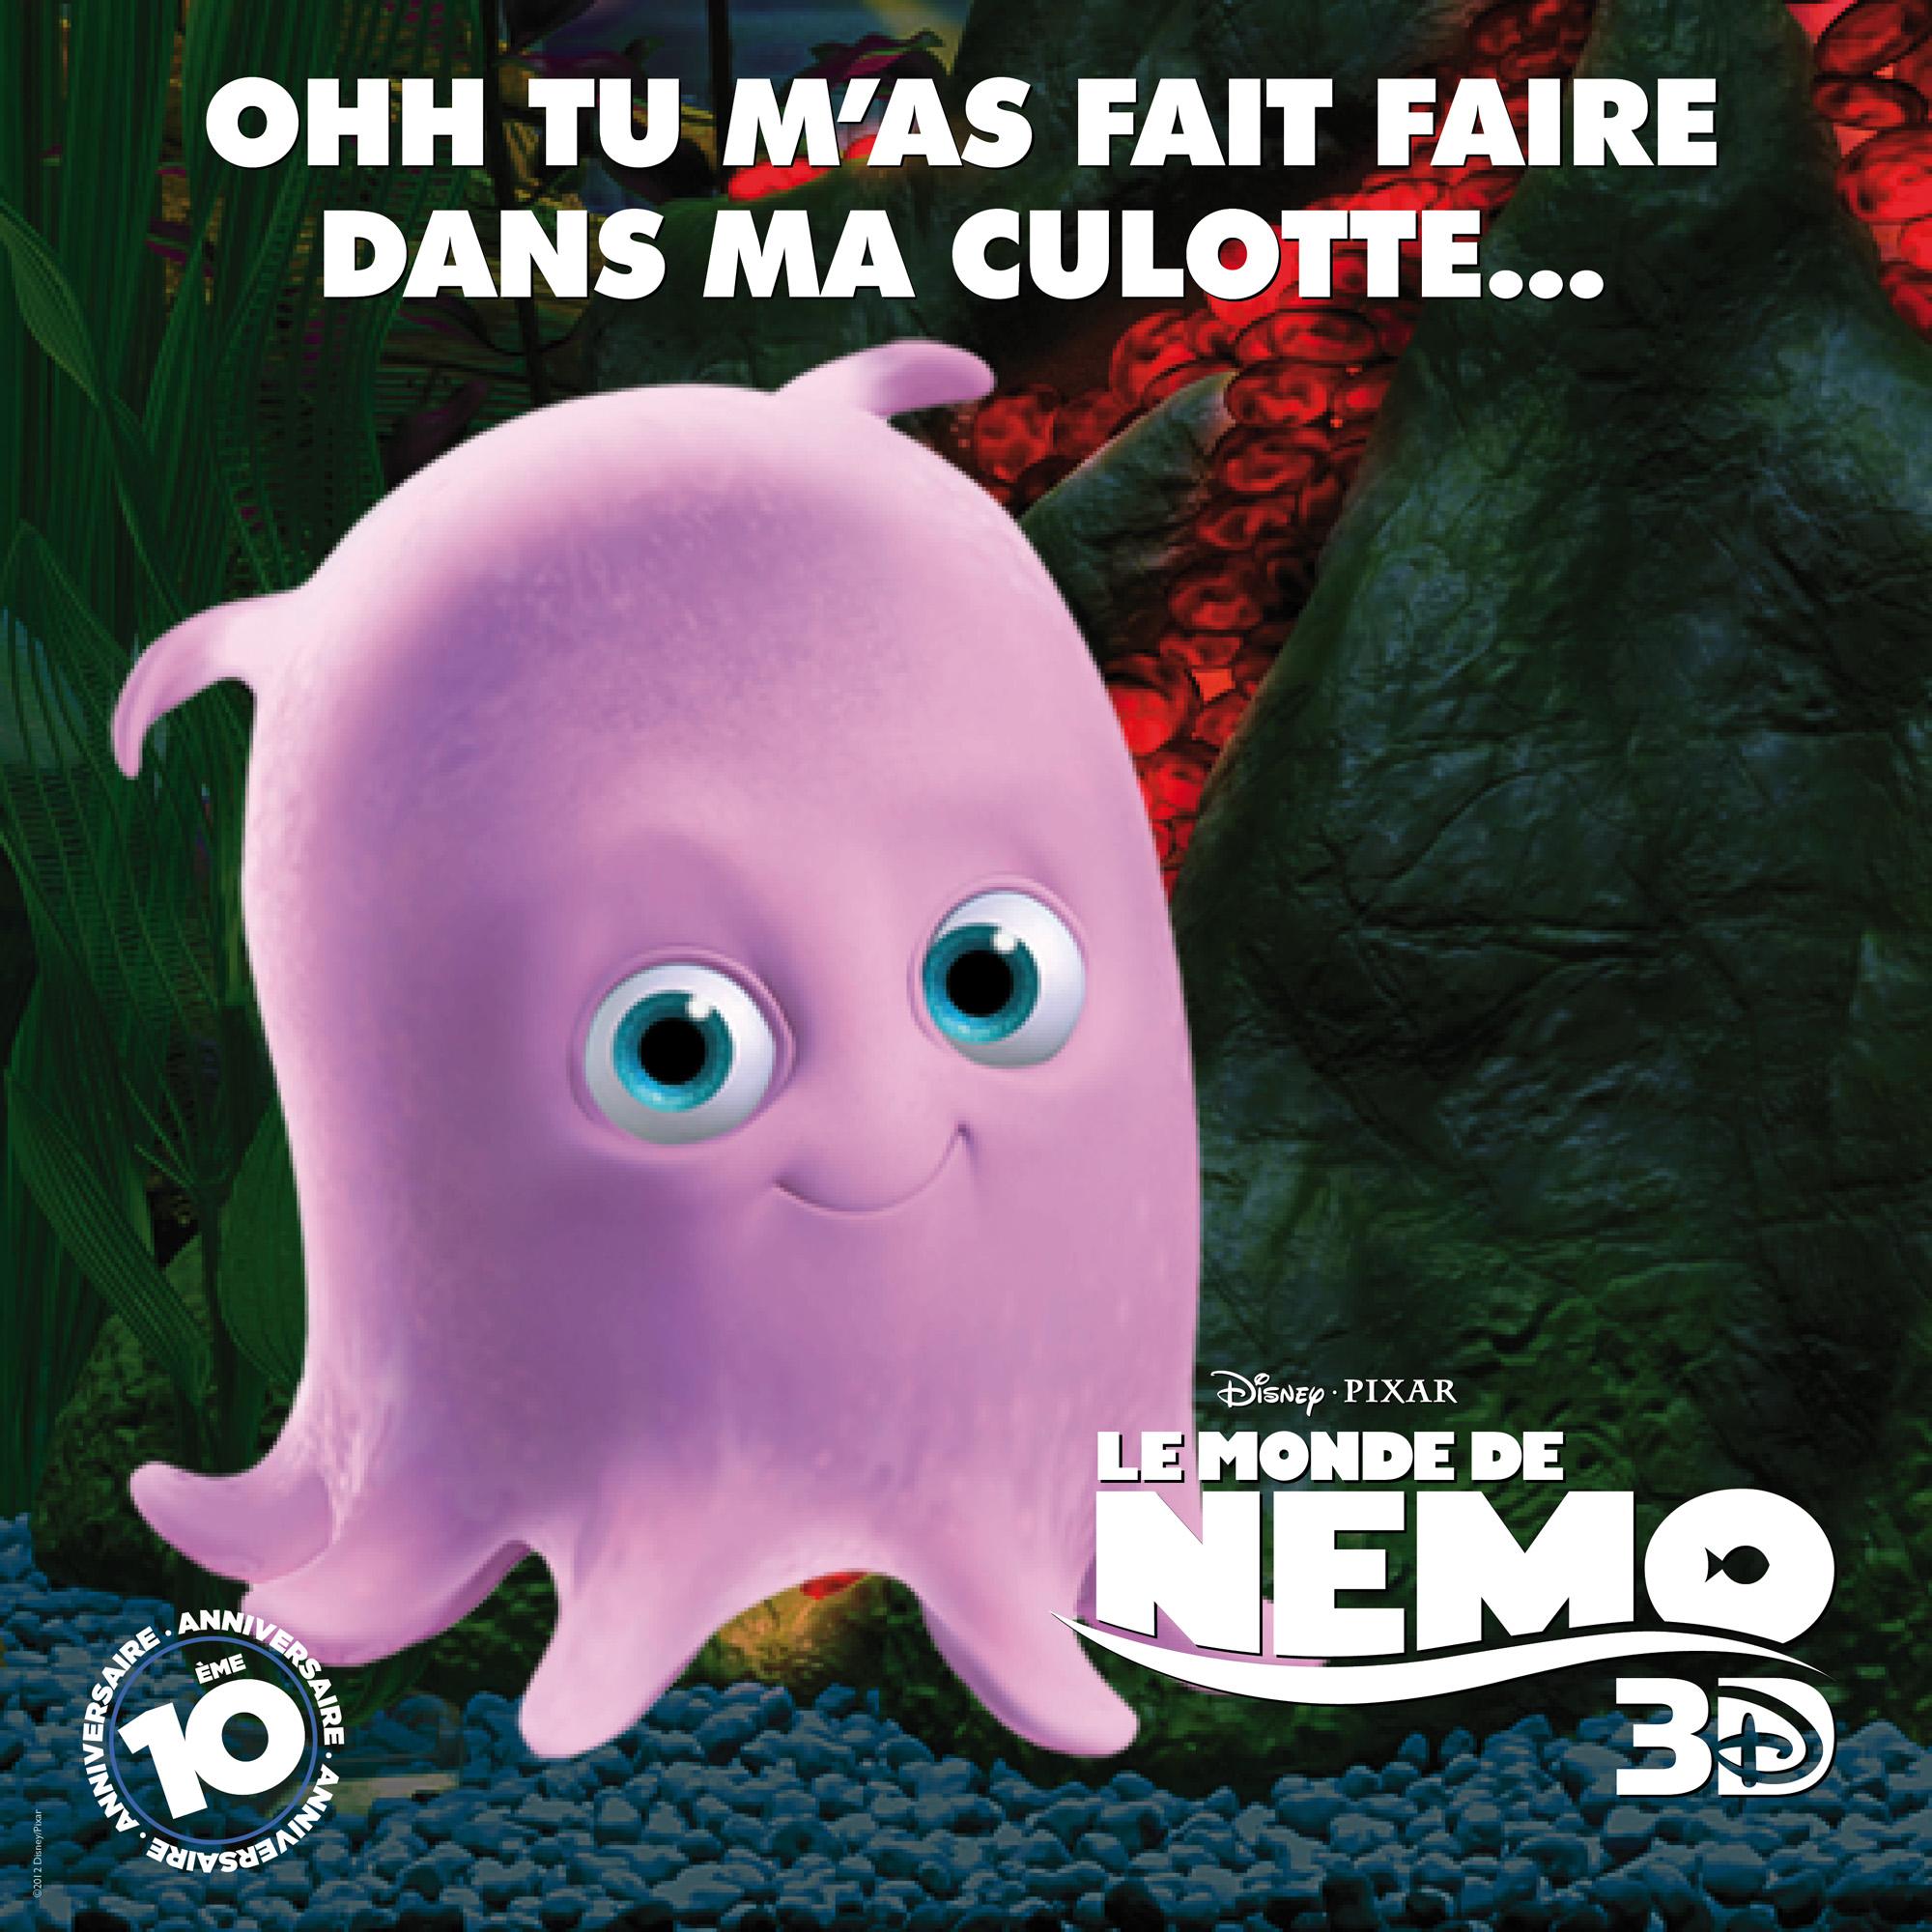 pixar planet disney monde nemo 3d affiche